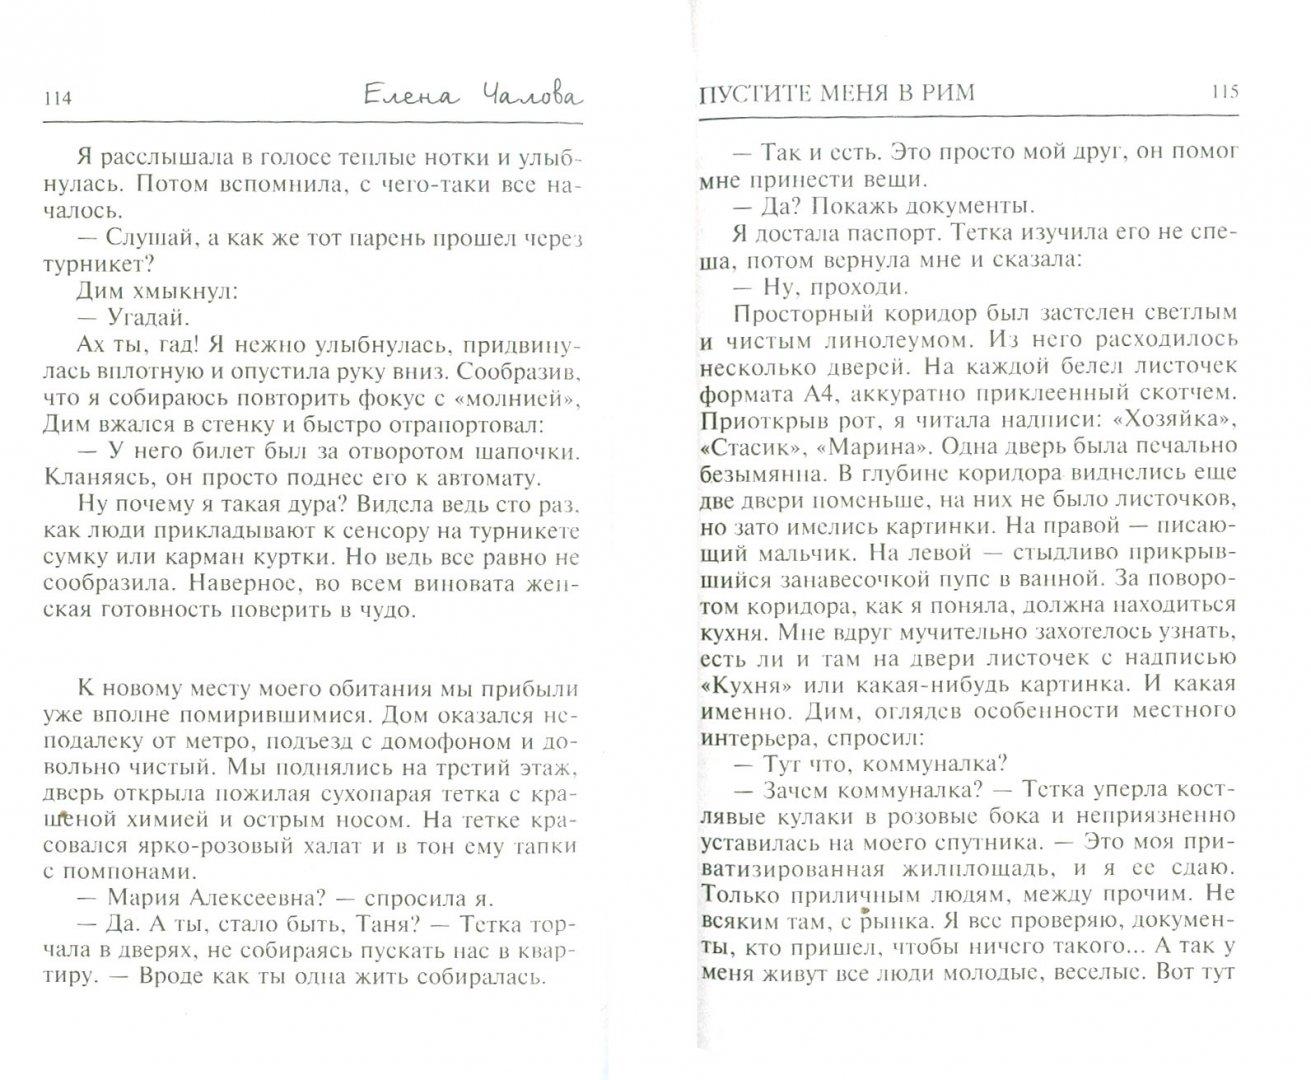 Иллюстрация 1 из 2 для Пустите меня в Рим - Елена Чалова | Лабиринт - книги. Источник: Лабиринт